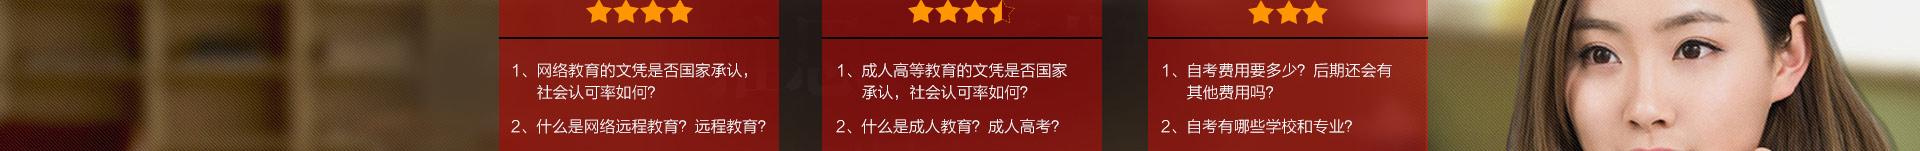 湖北省高等教育自学考试07